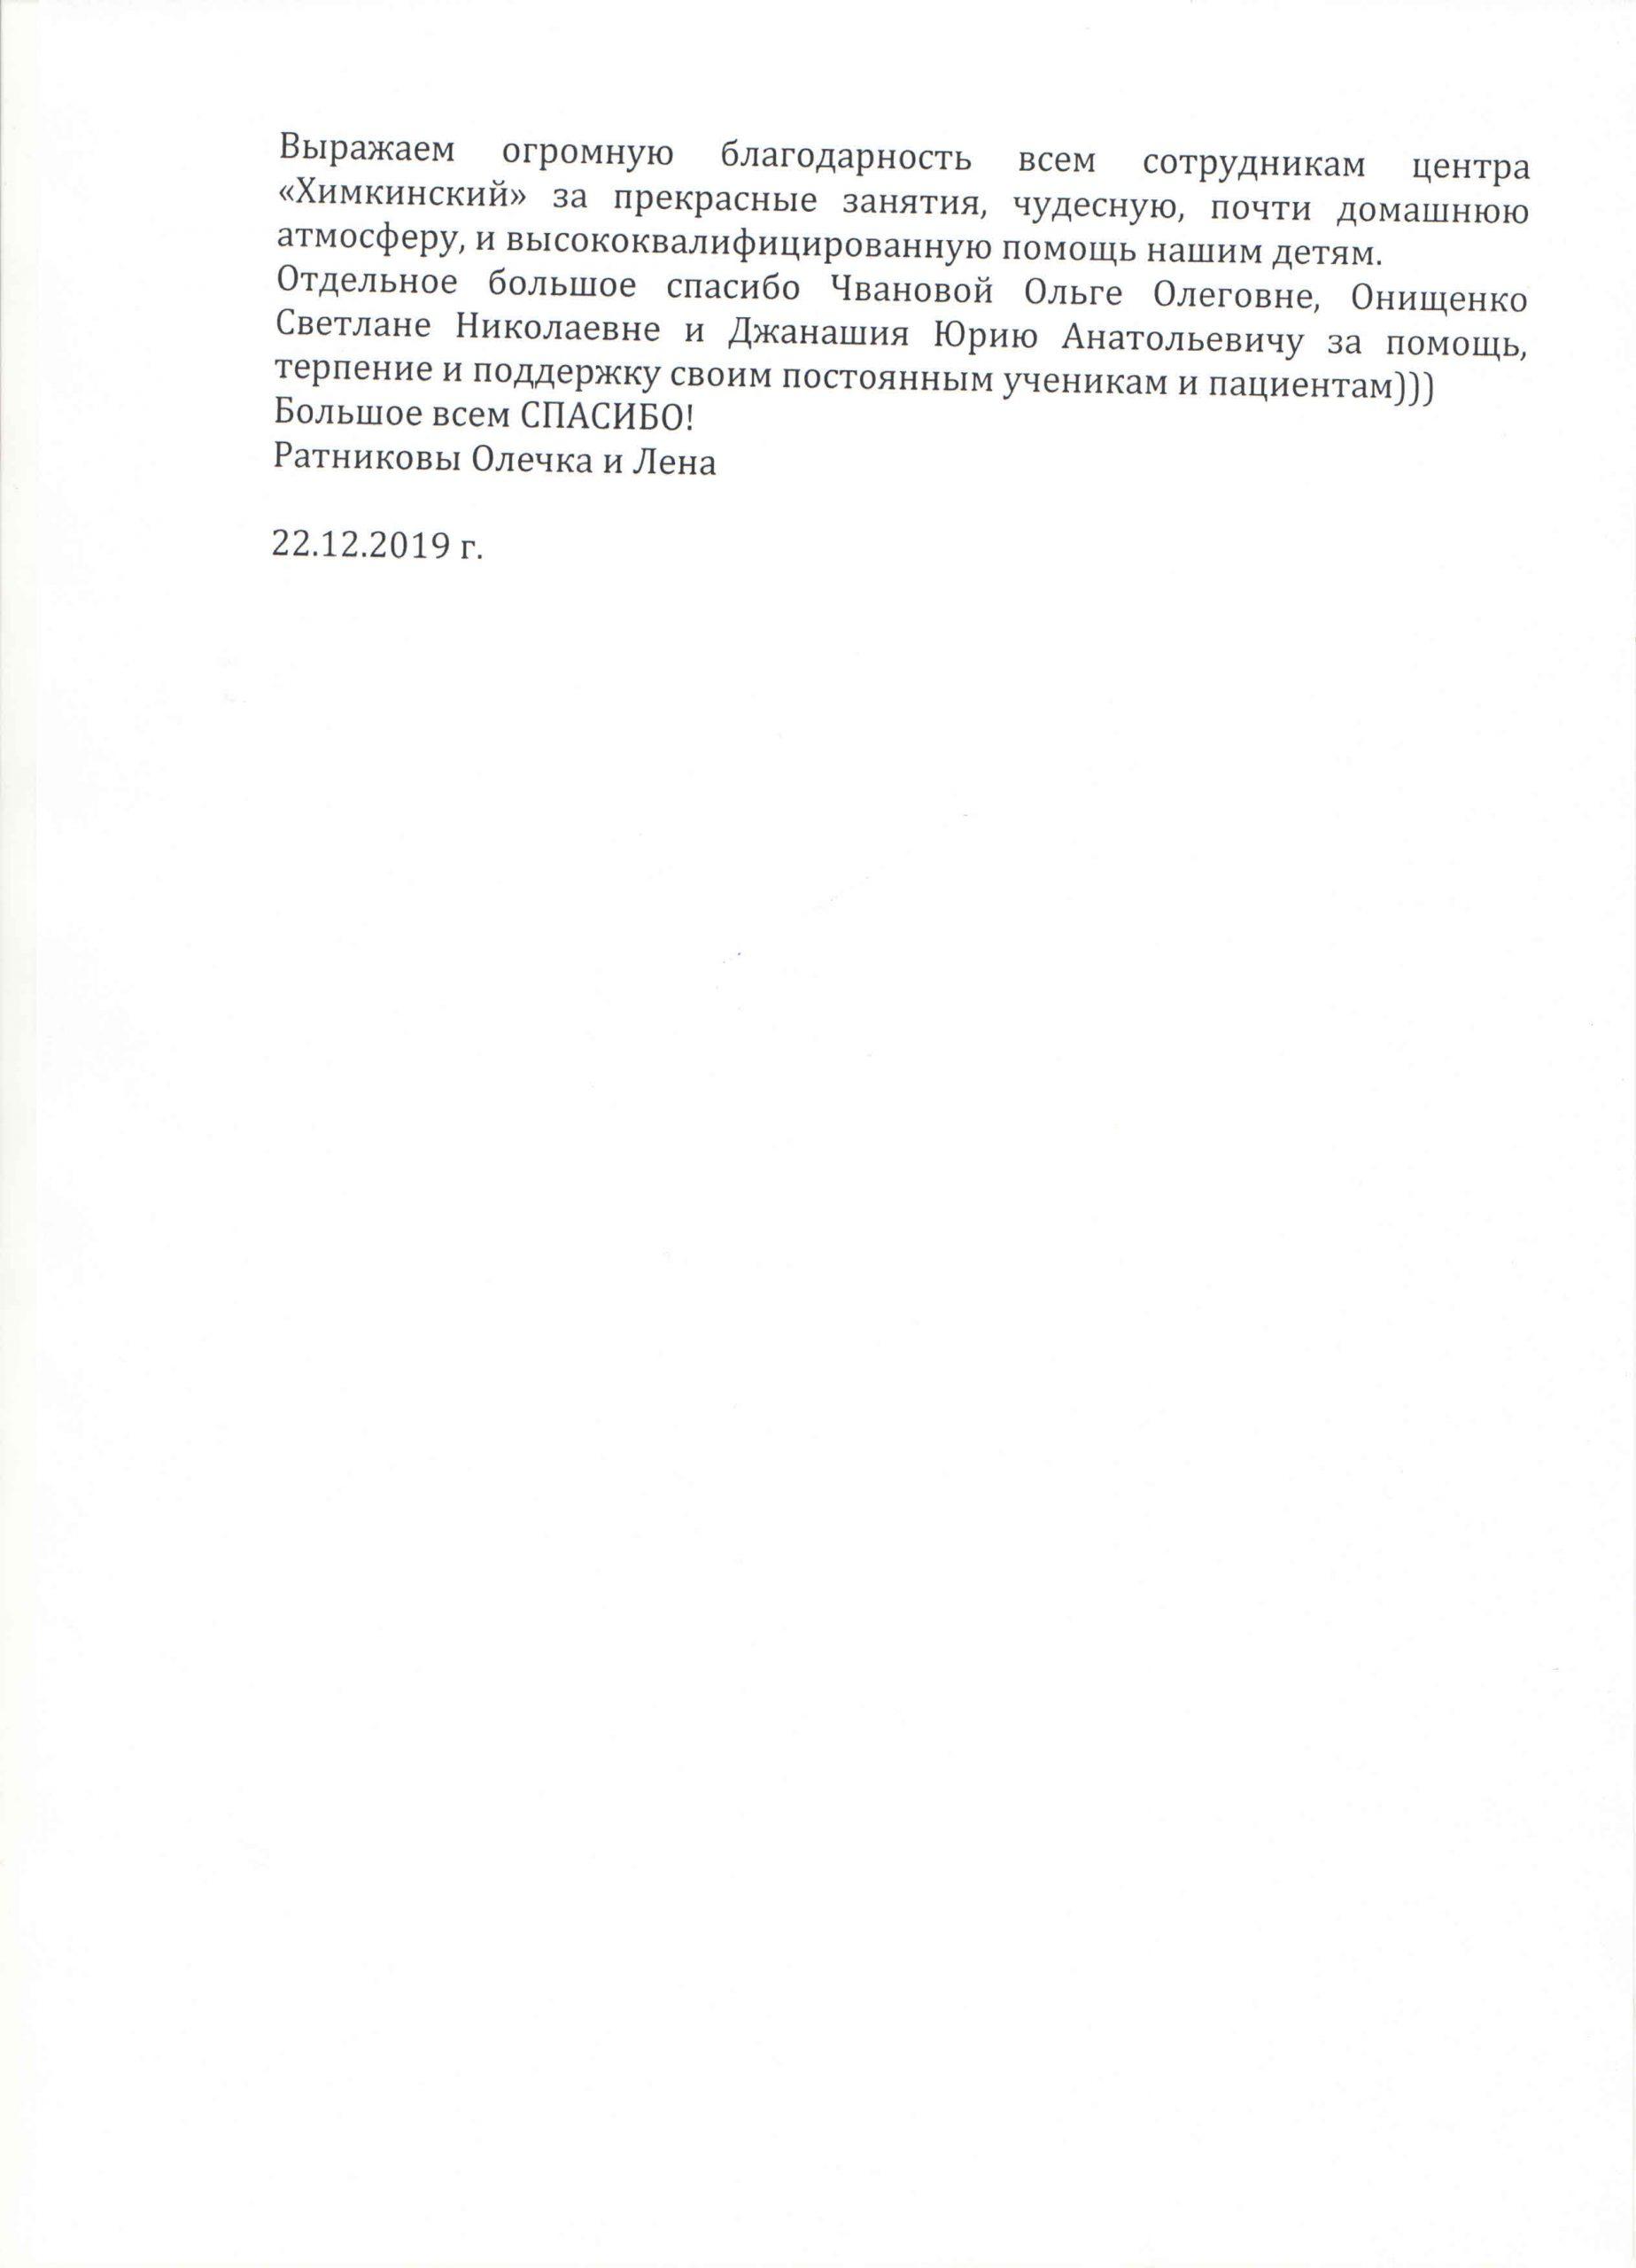 Чванова, 22.12.2019